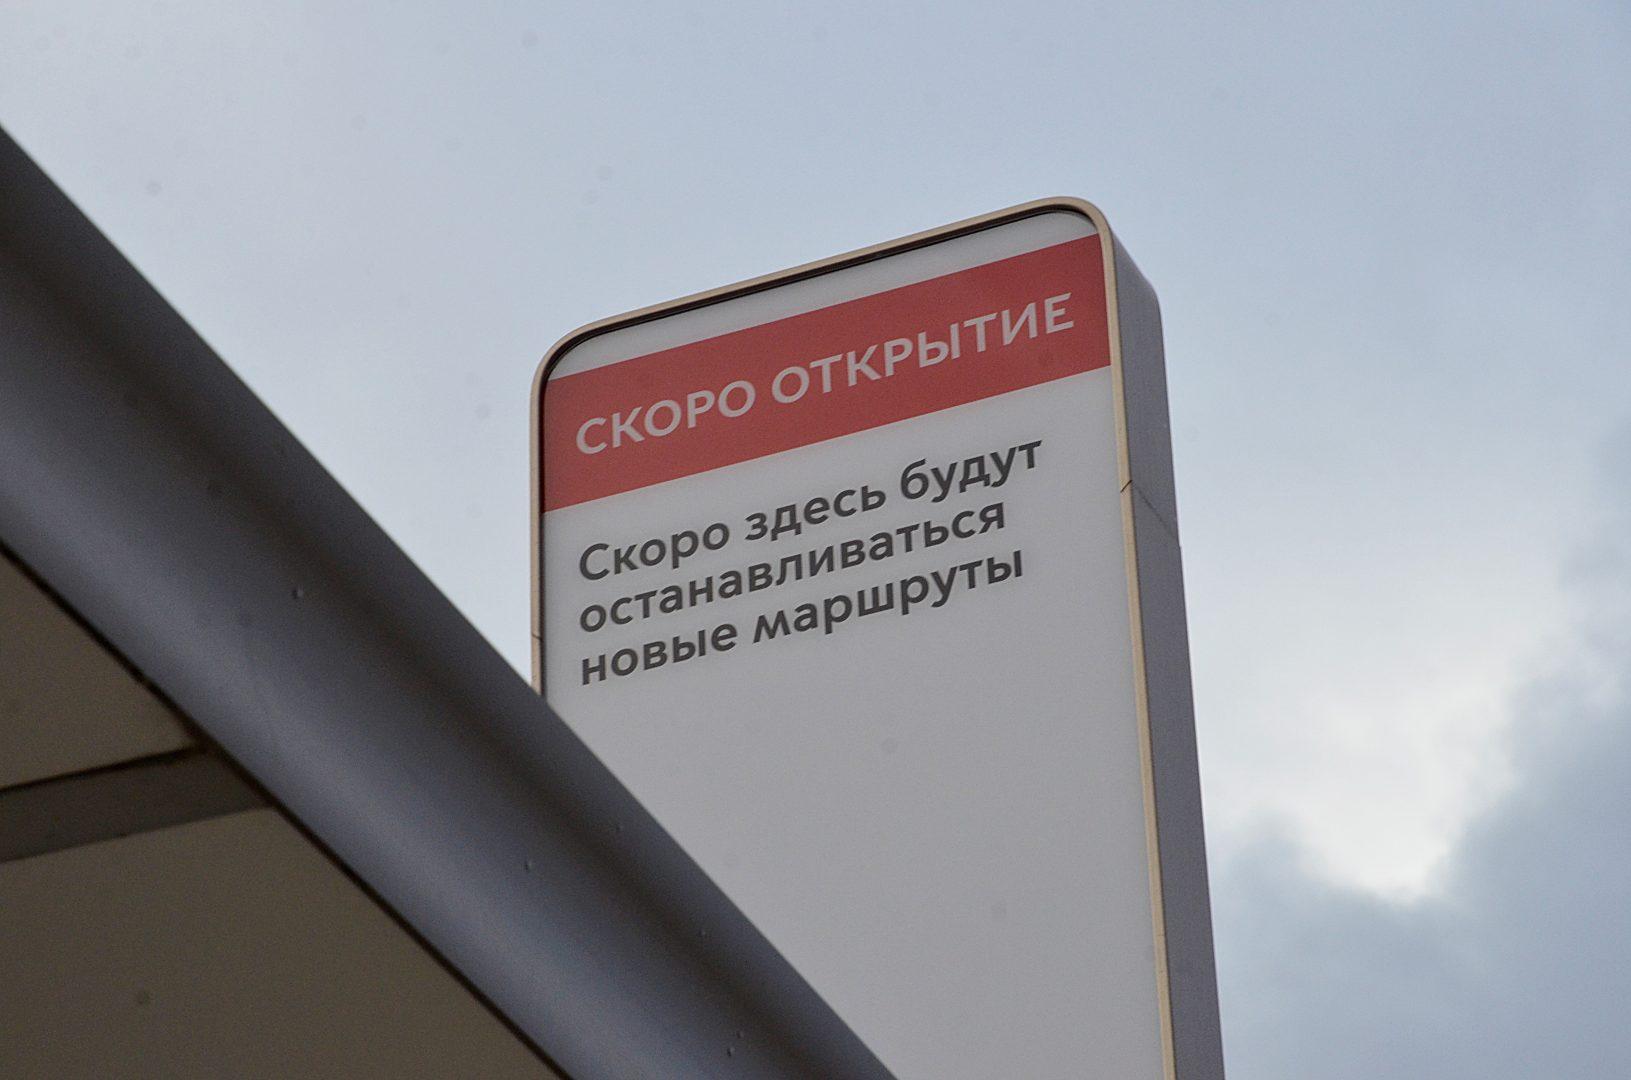 Новые маршруты общественного транспорта появятся в Вороновском. Фото: Анна Быкова